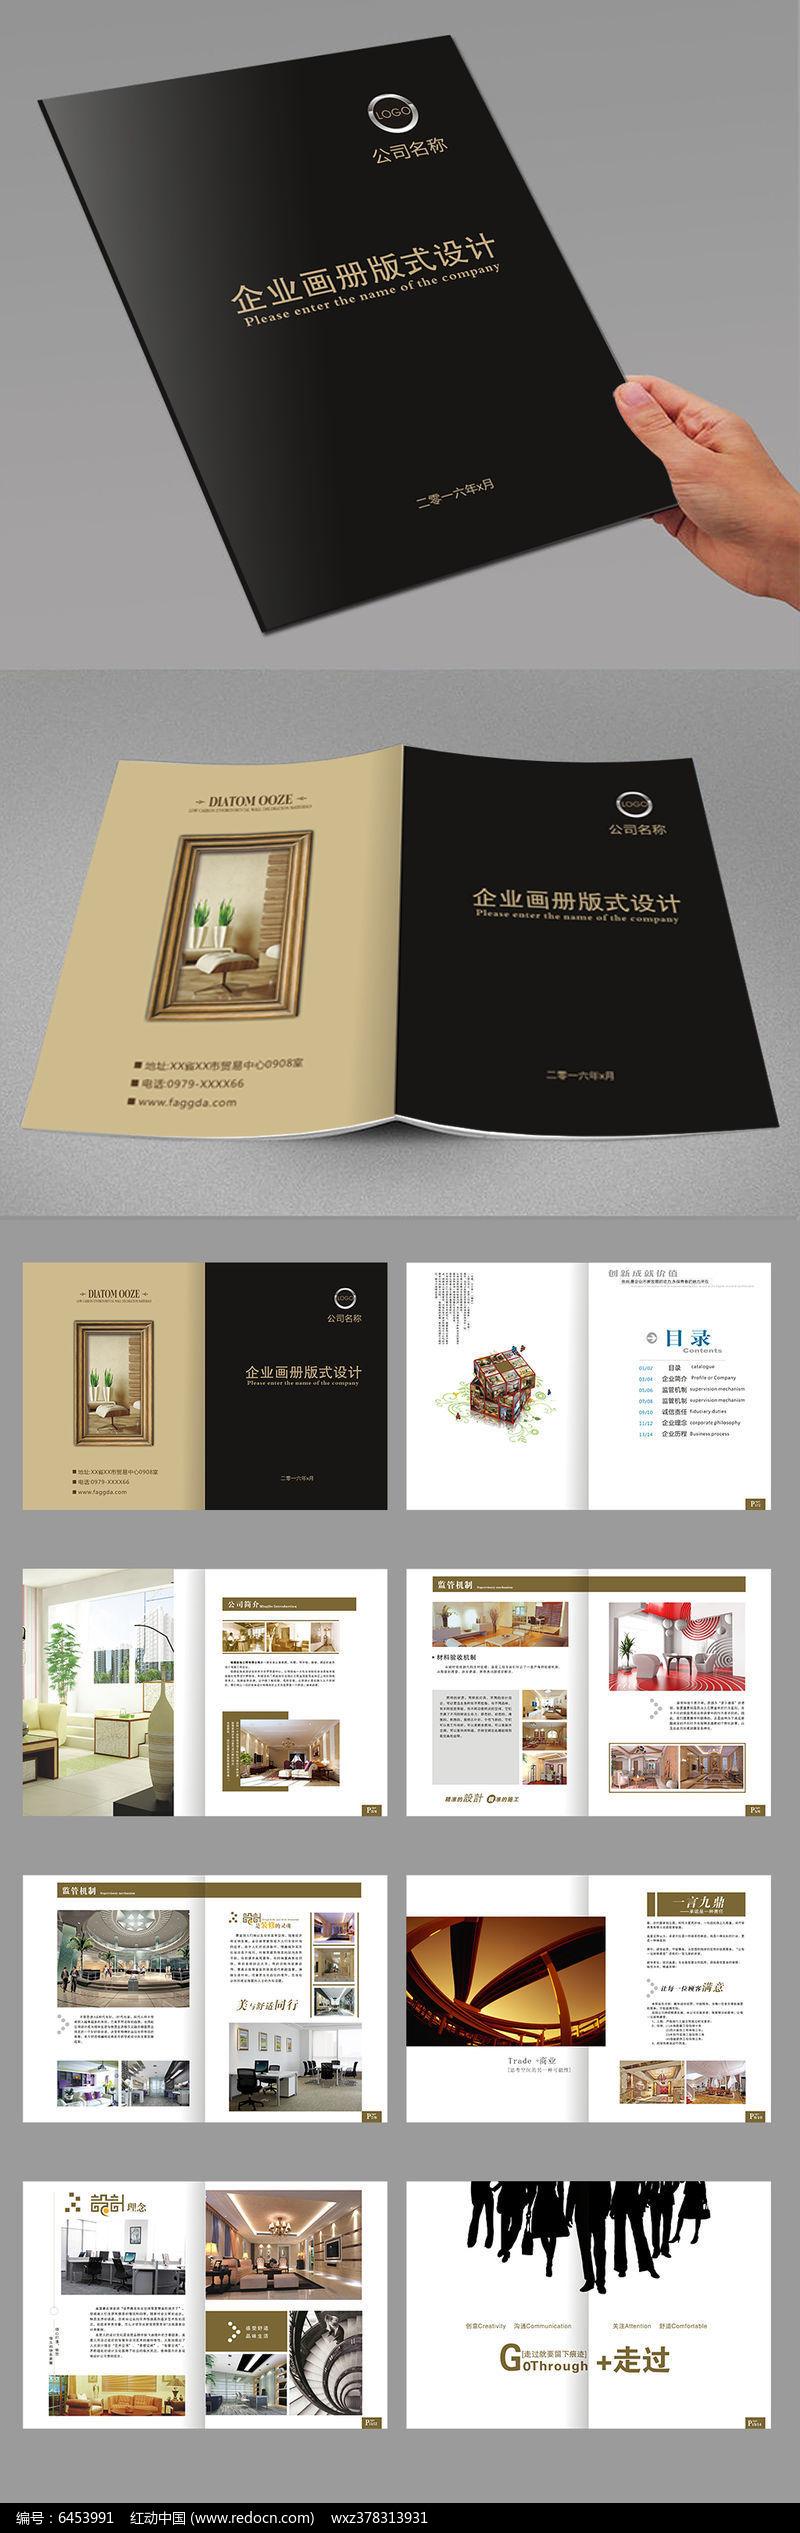 大气企业画册版式设计图片